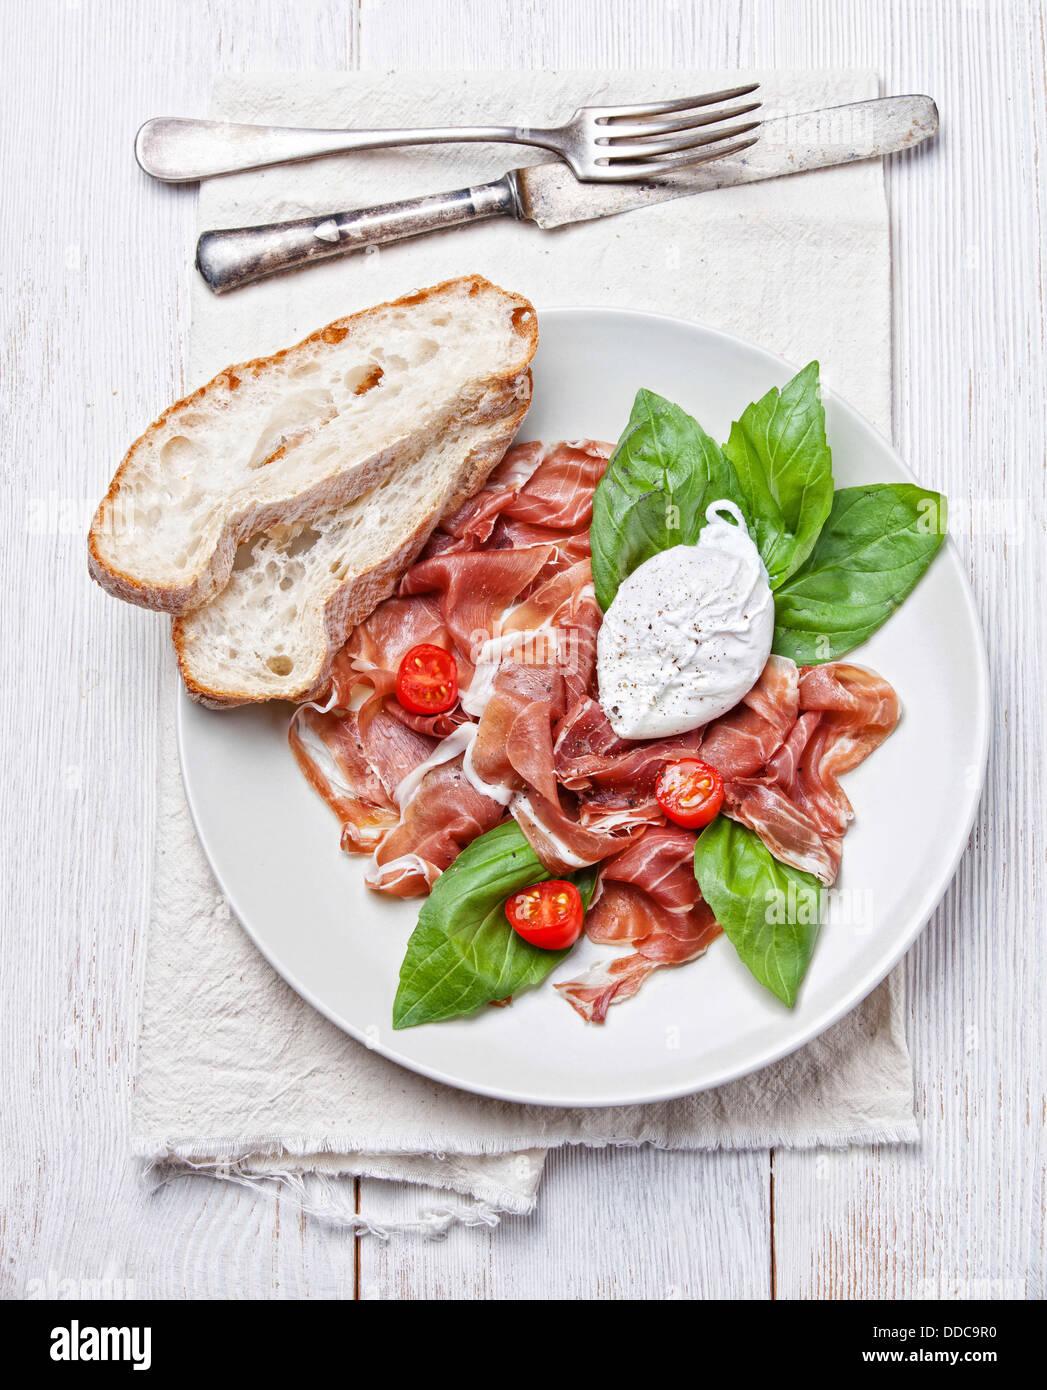 Jamón ensalada con huevo escalfado Imagen De Stock